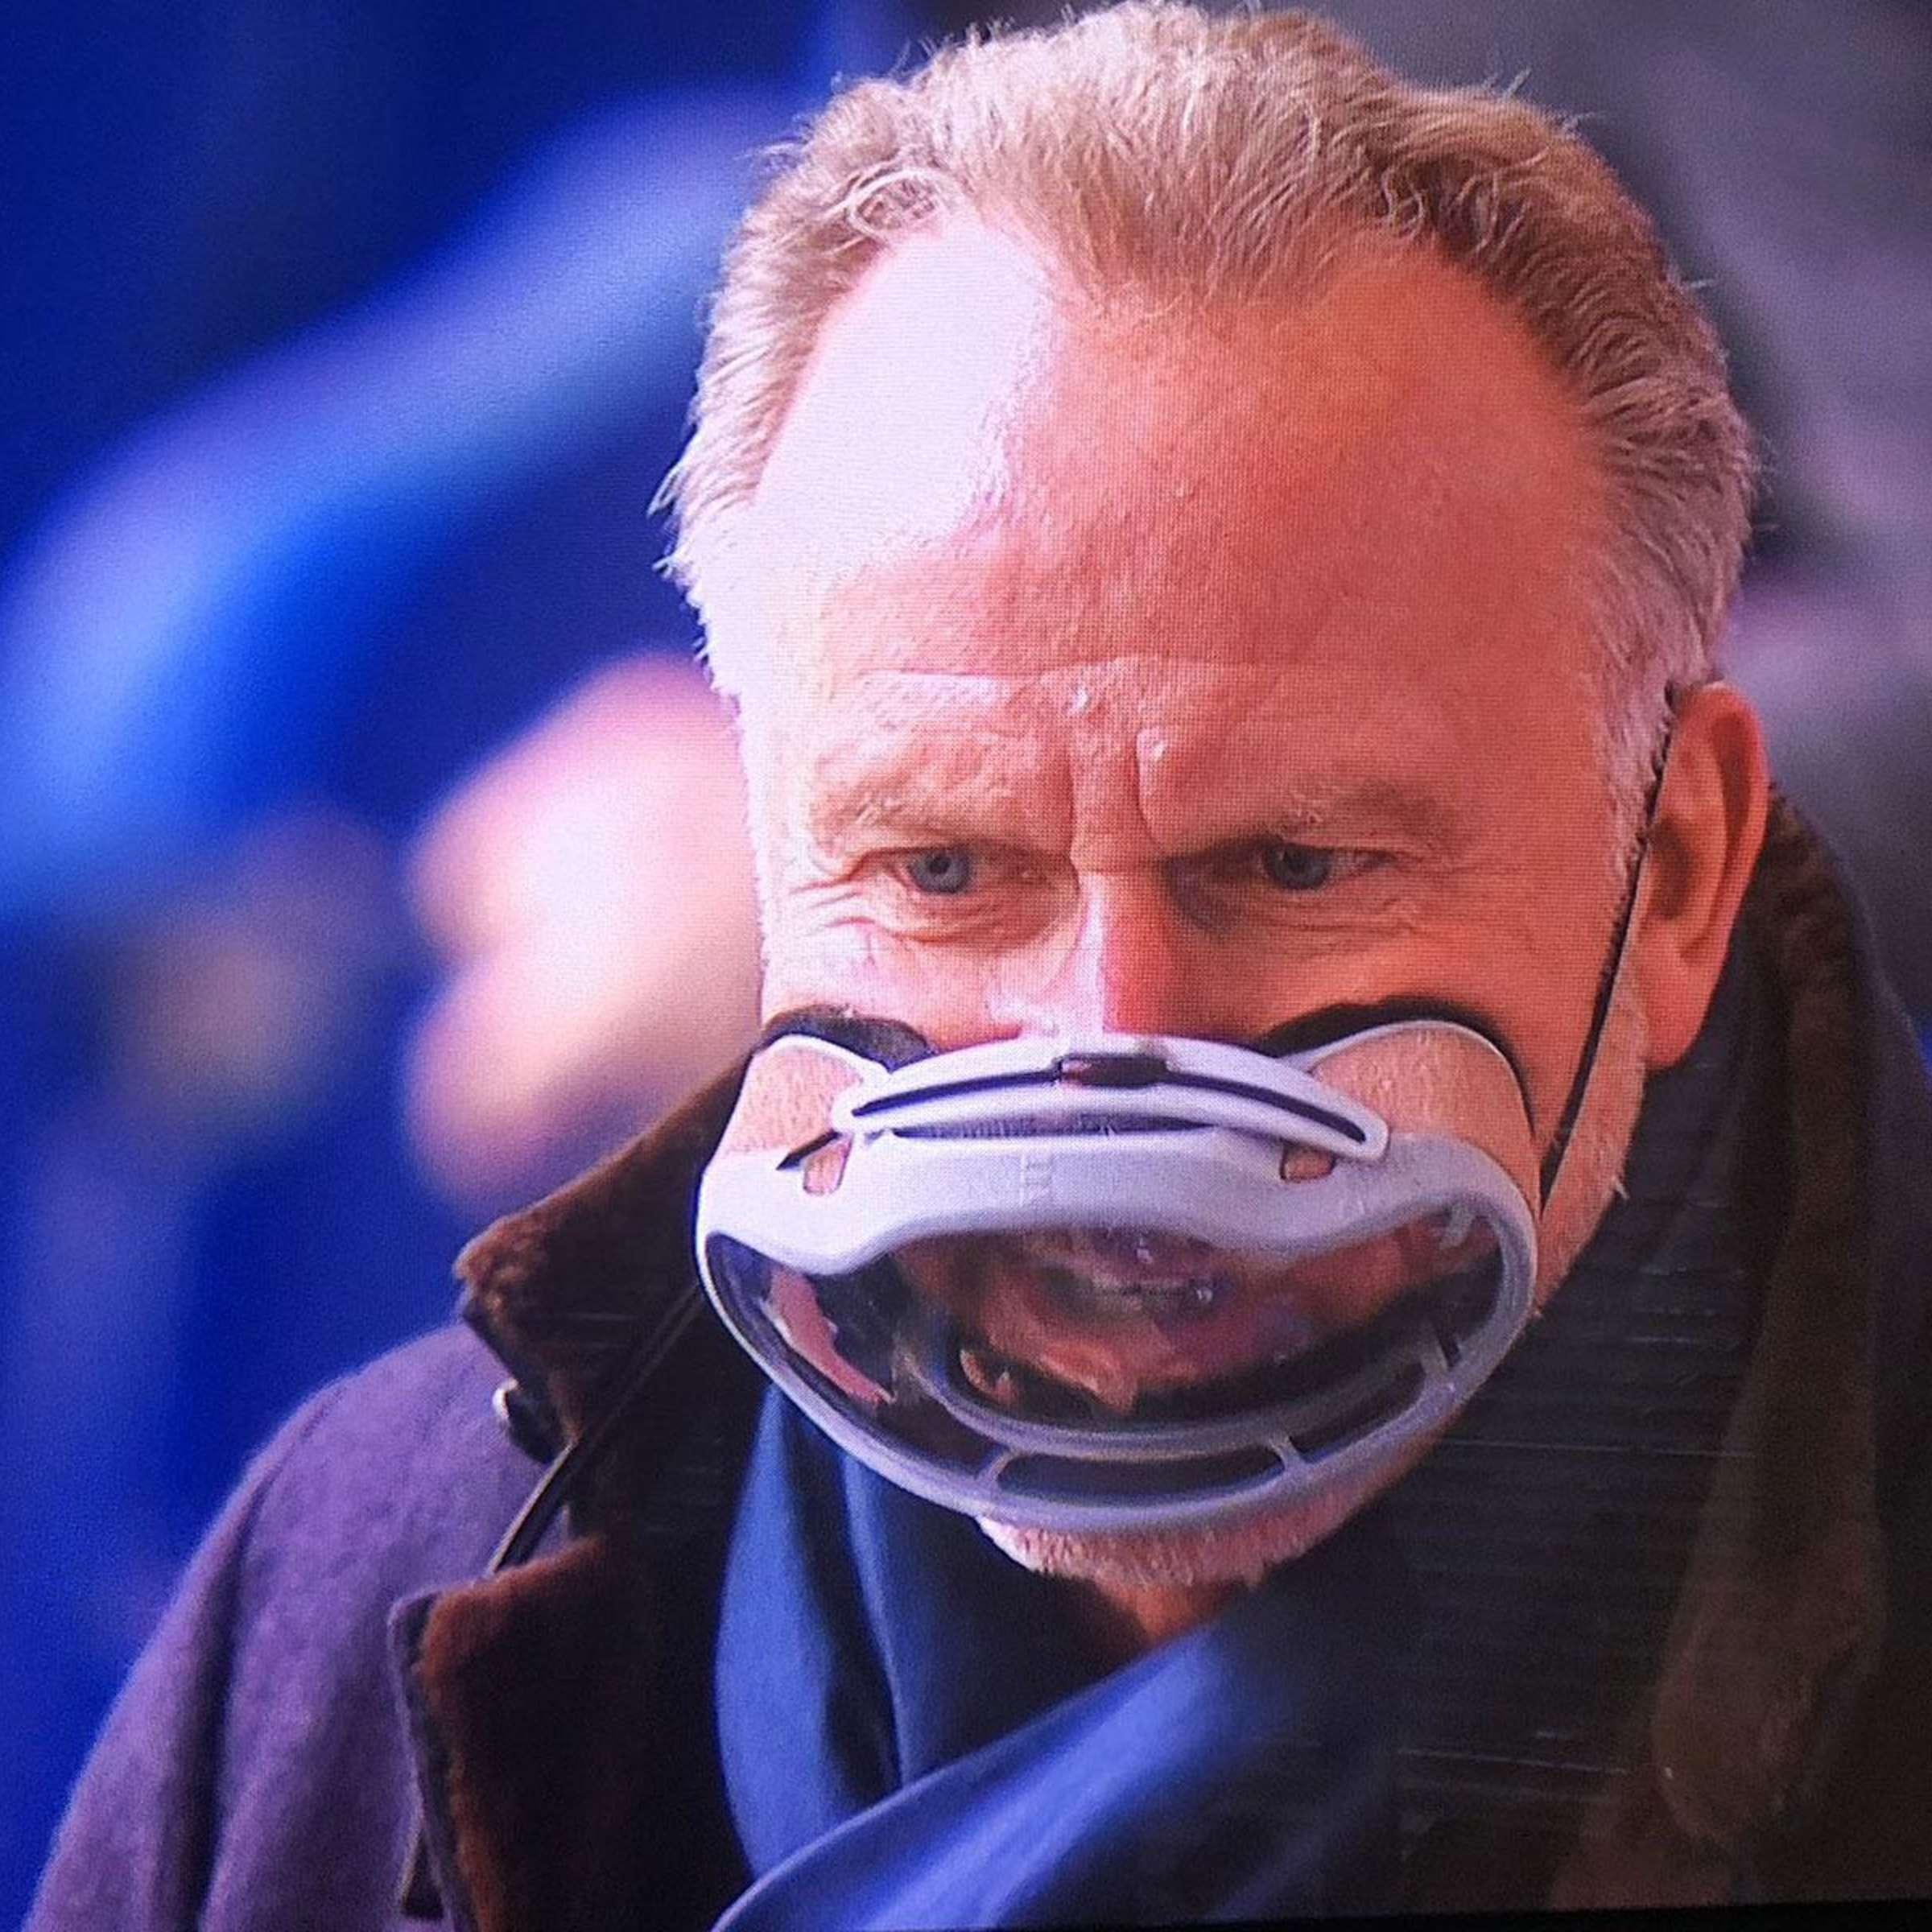 Karl-Heinz Rummenigge trug die steirische Hightech-Maske (Credit: Screenshot)